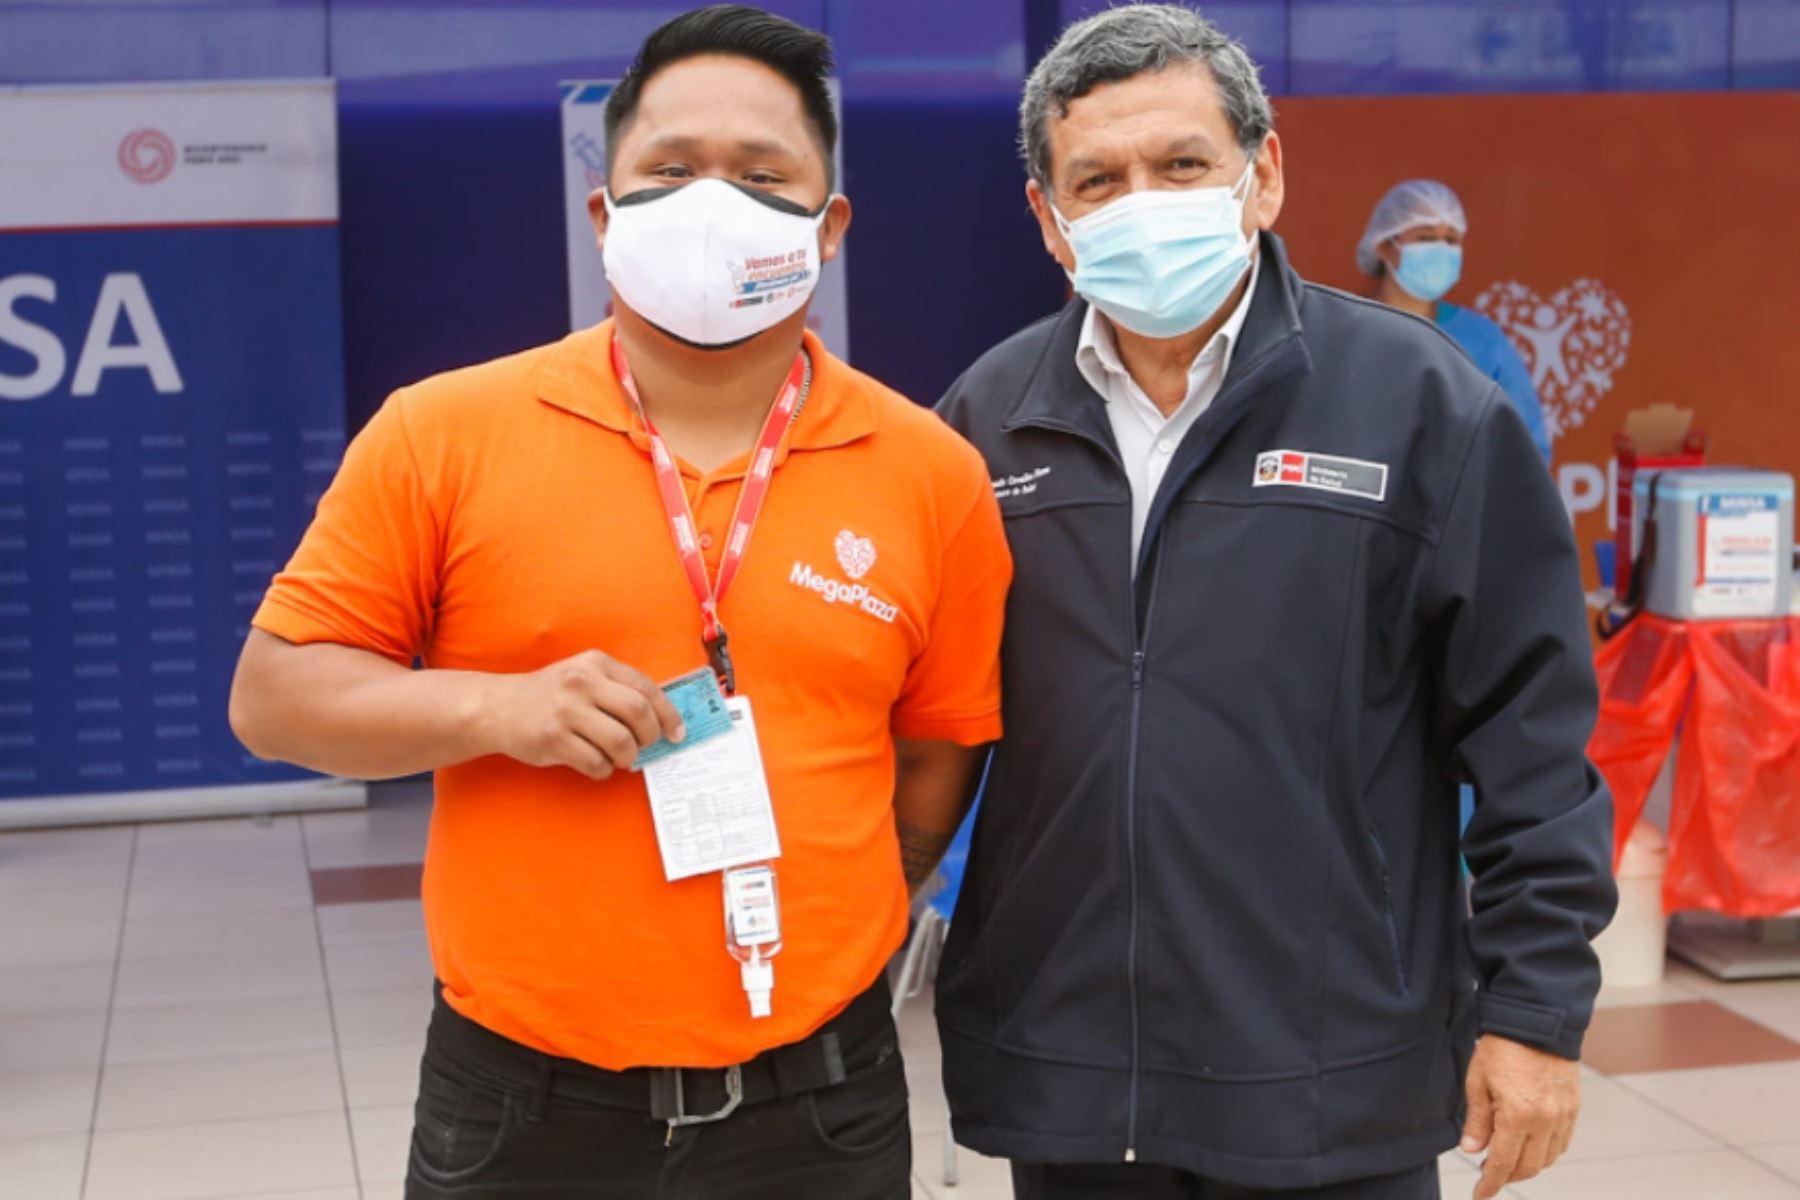 A partir del 15 de octubre centros comerciales van a sortear vales de 1,000 soles entre quienes cuenten con ambas dosis de vacuna contra la covid-19, informó Carlos Neuhaus, presidente ejecutivo de la Asociación de Centros Comerciales de Perú. Foto: MINSA